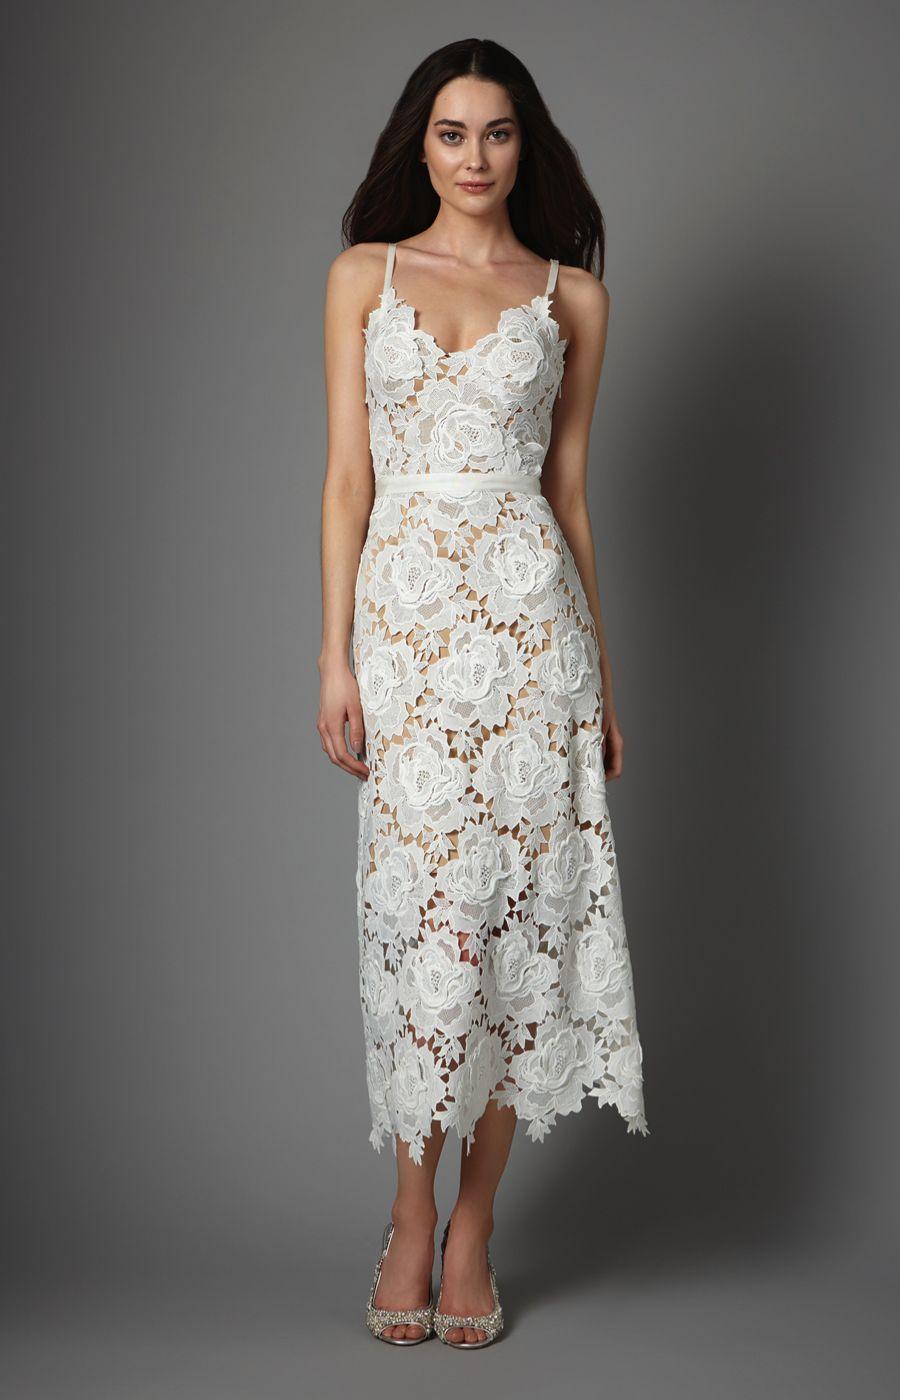 Wedding dresses for older brides | Catherine deane wedding dress ...